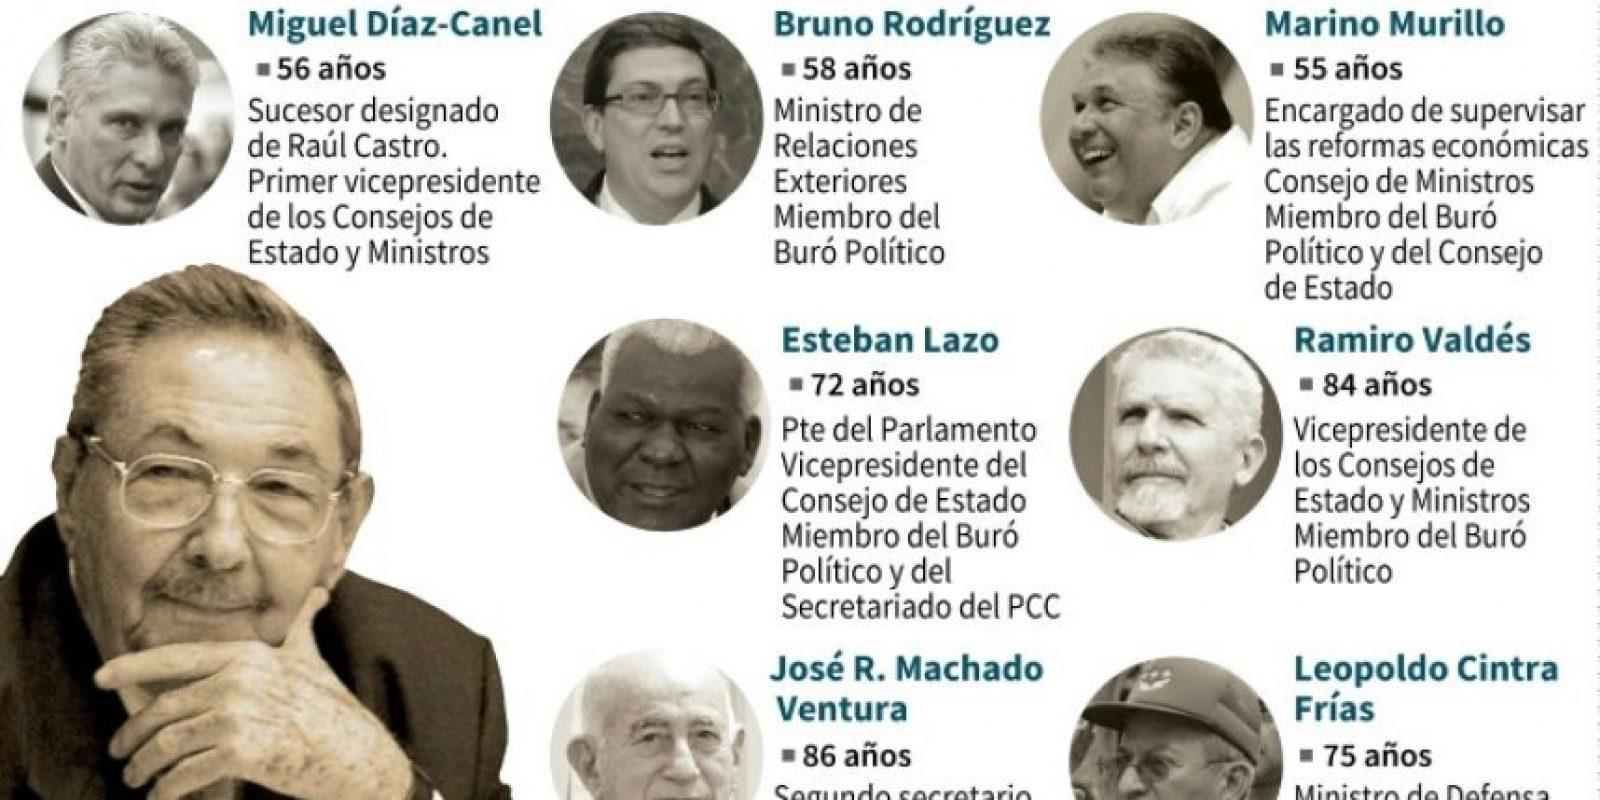 Ficha con los integrantes del Estado cubano Foto:Tatiana Magarinos, Gustavo Izus/afp.com